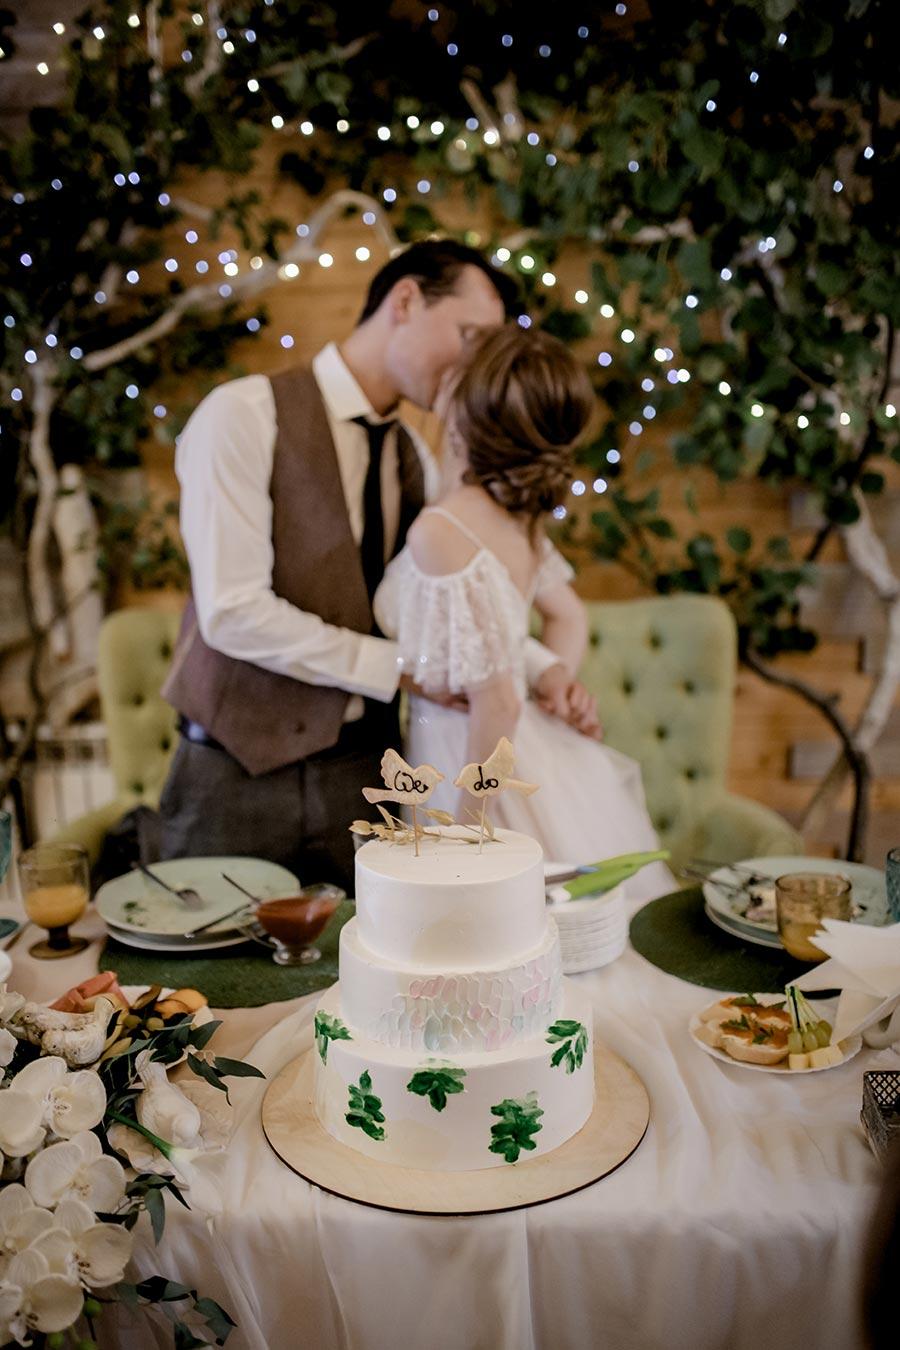 душевная свадьба тани и славы на природе 17